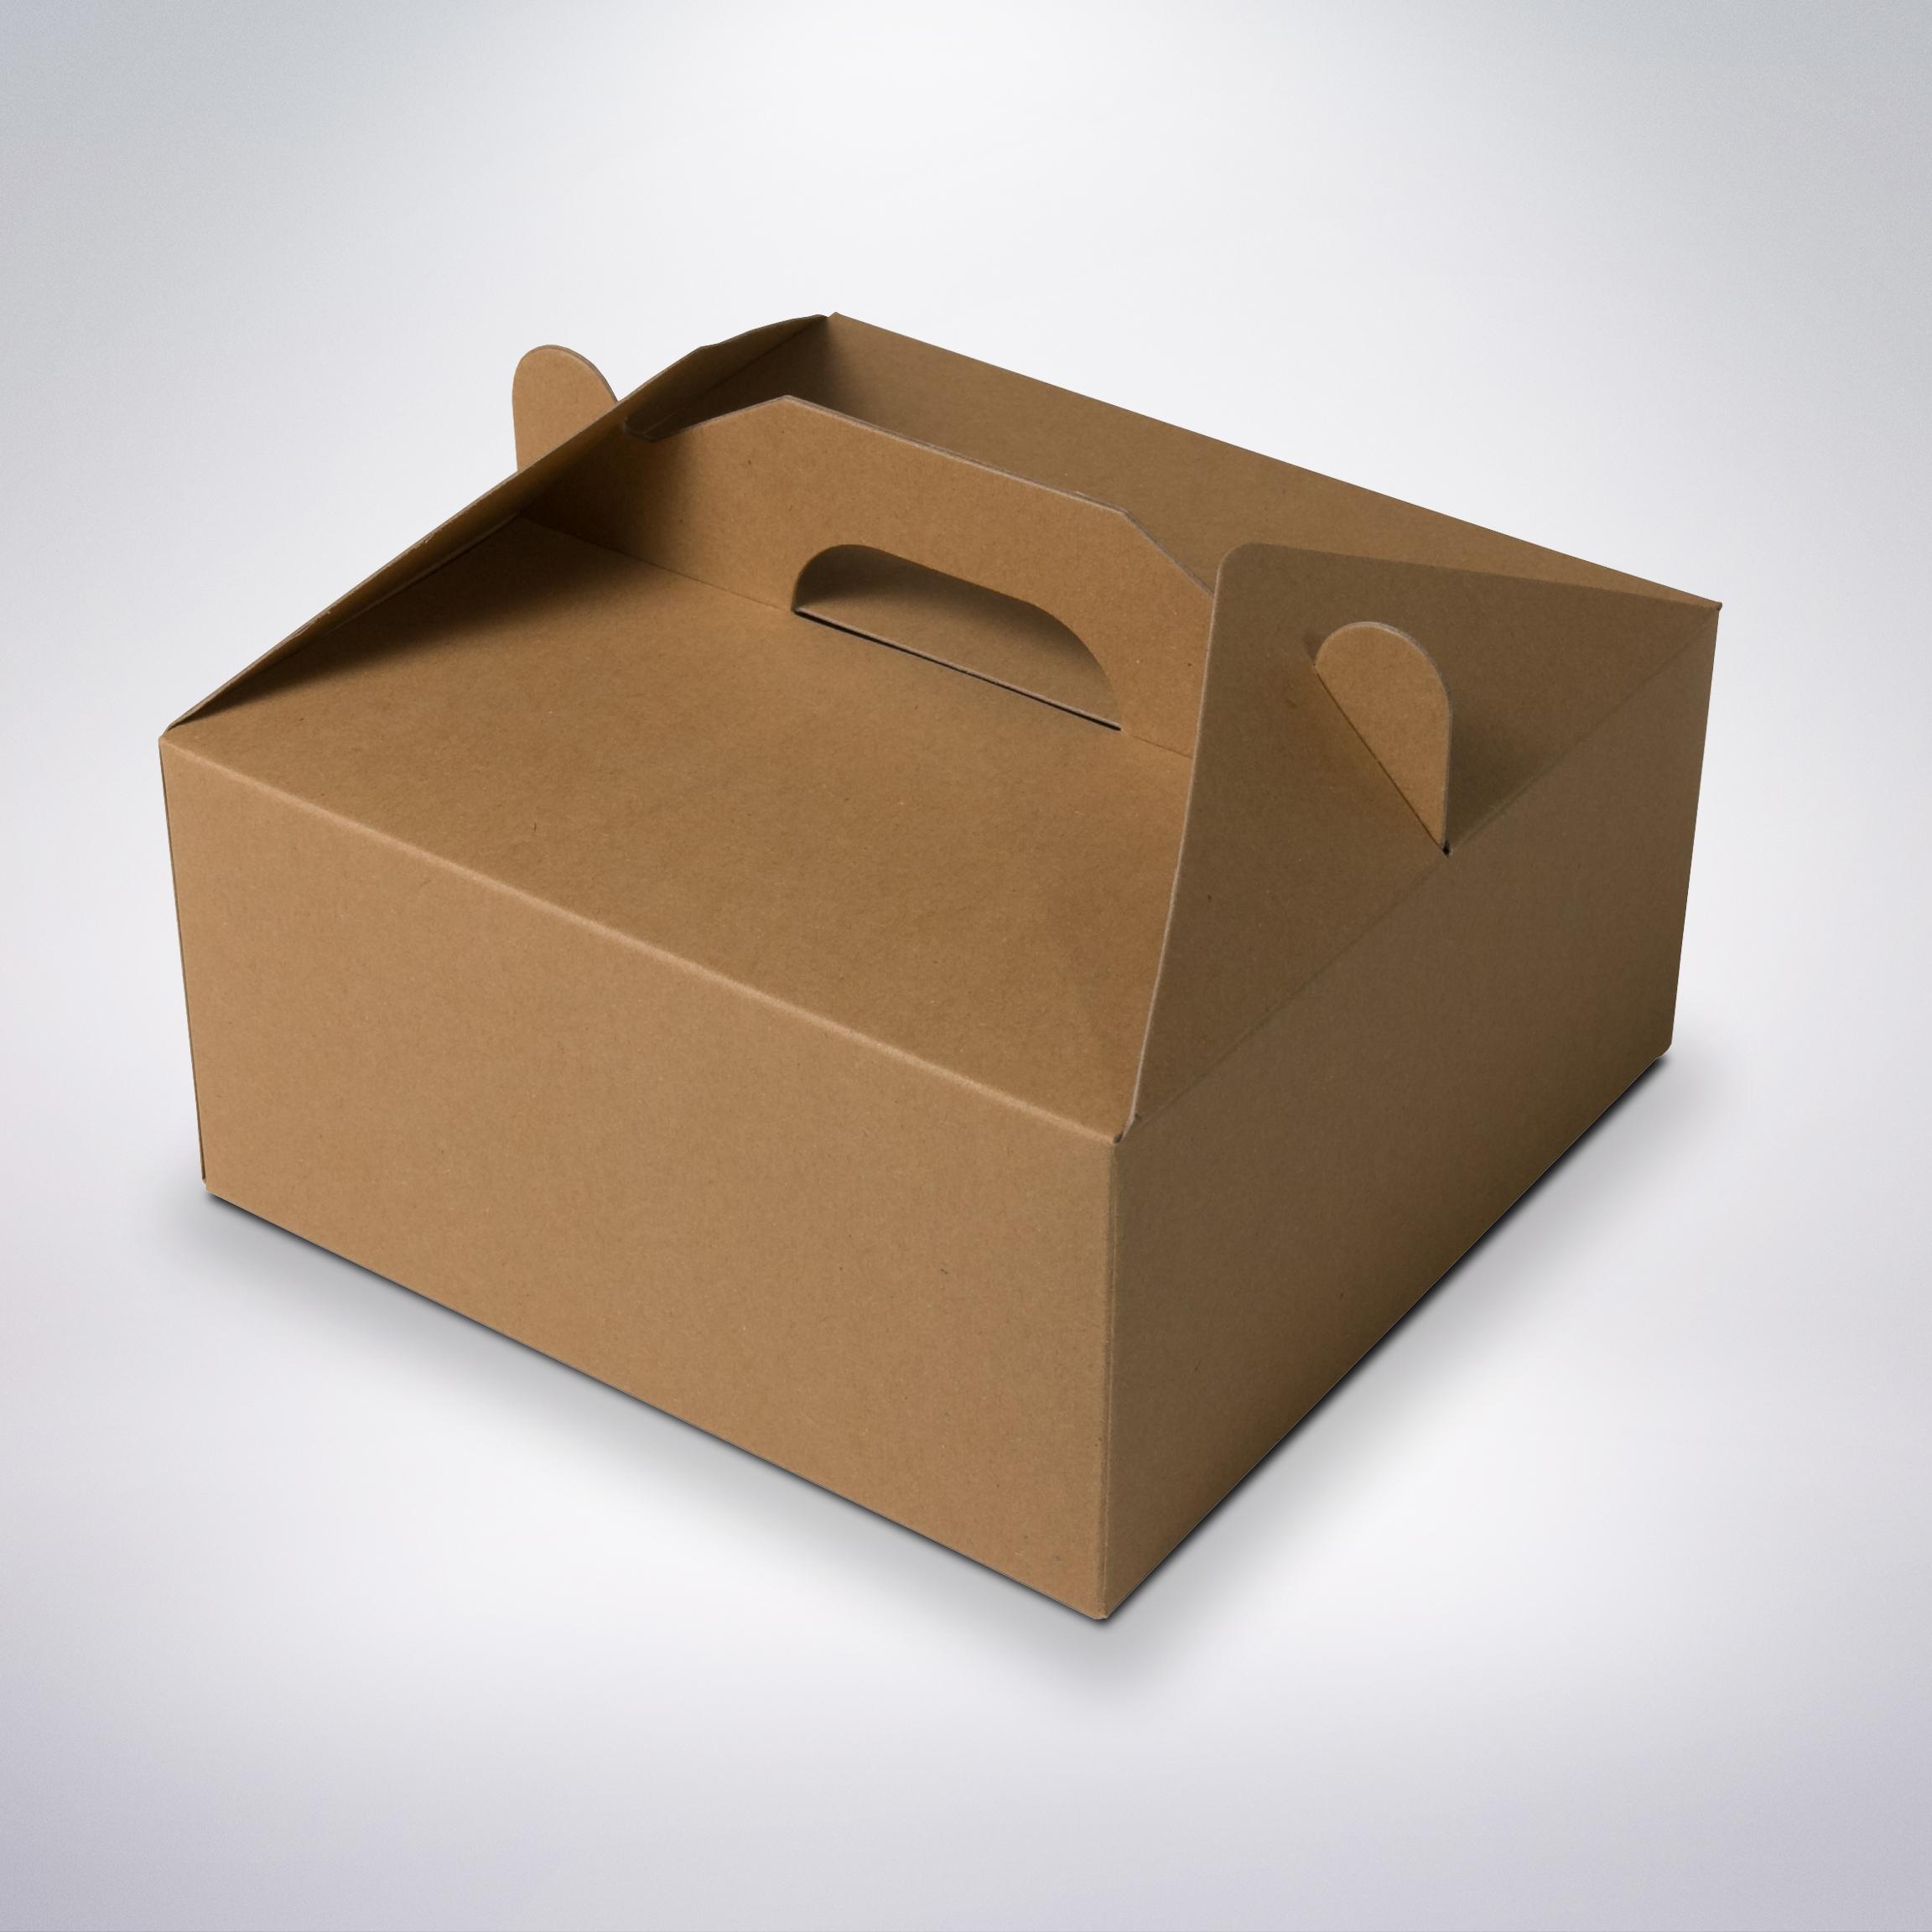 Cukrárska krabica eko 190x190x80